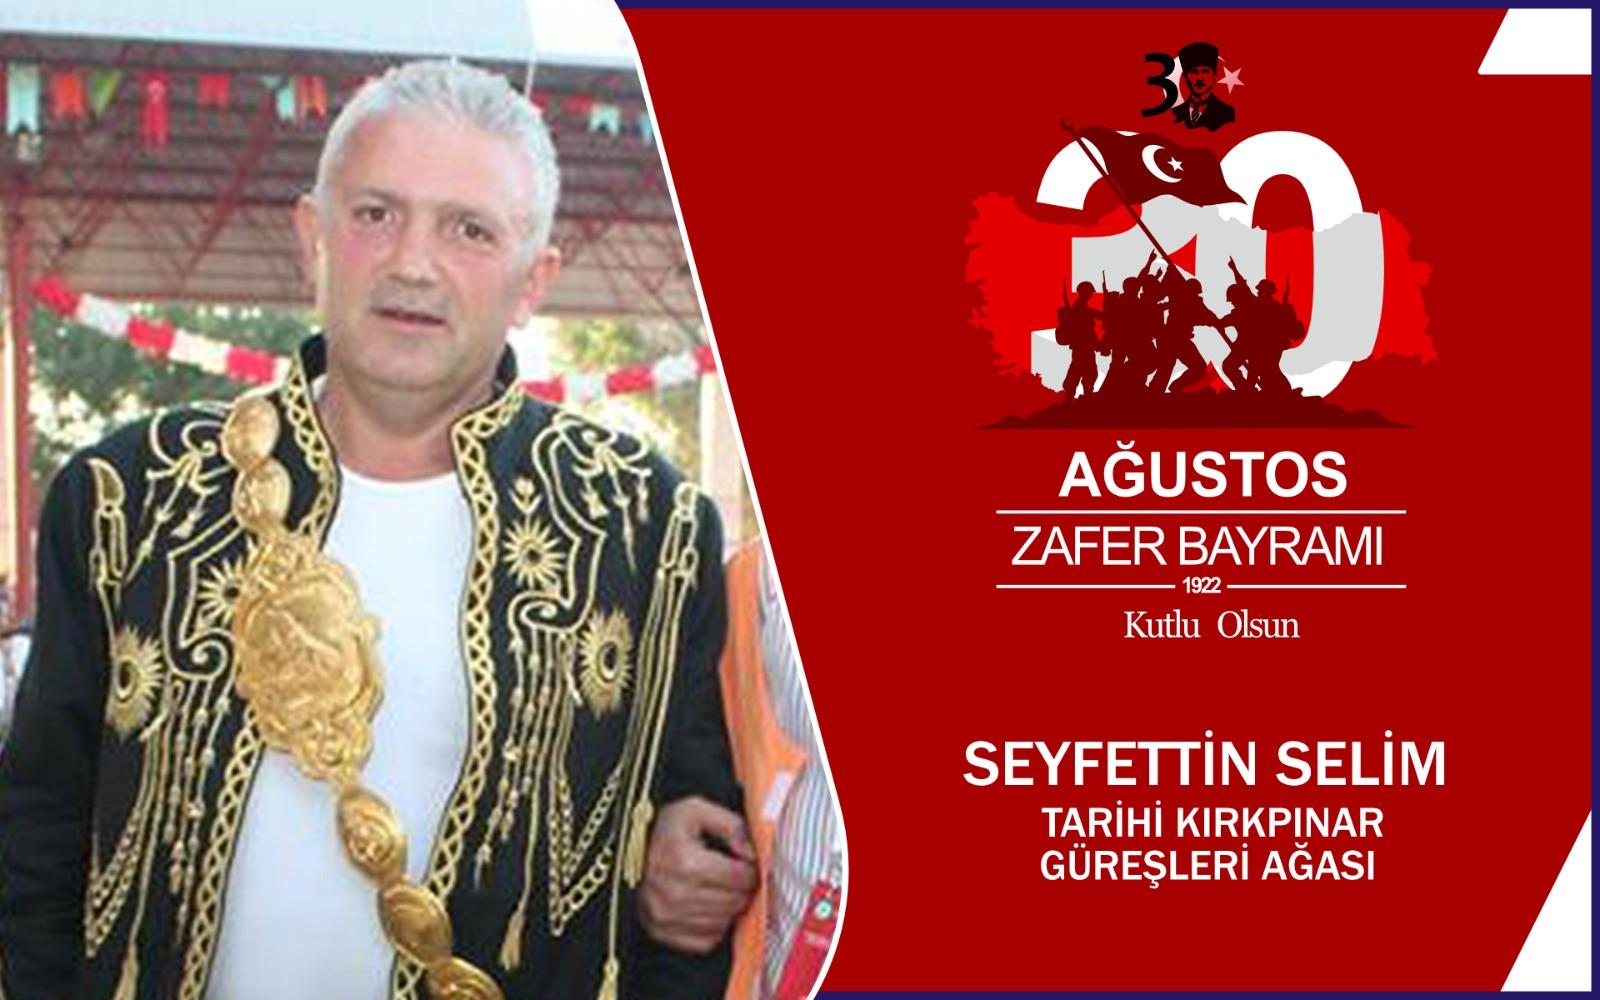 Seyfettin Selim'den Kutlama Mesajı